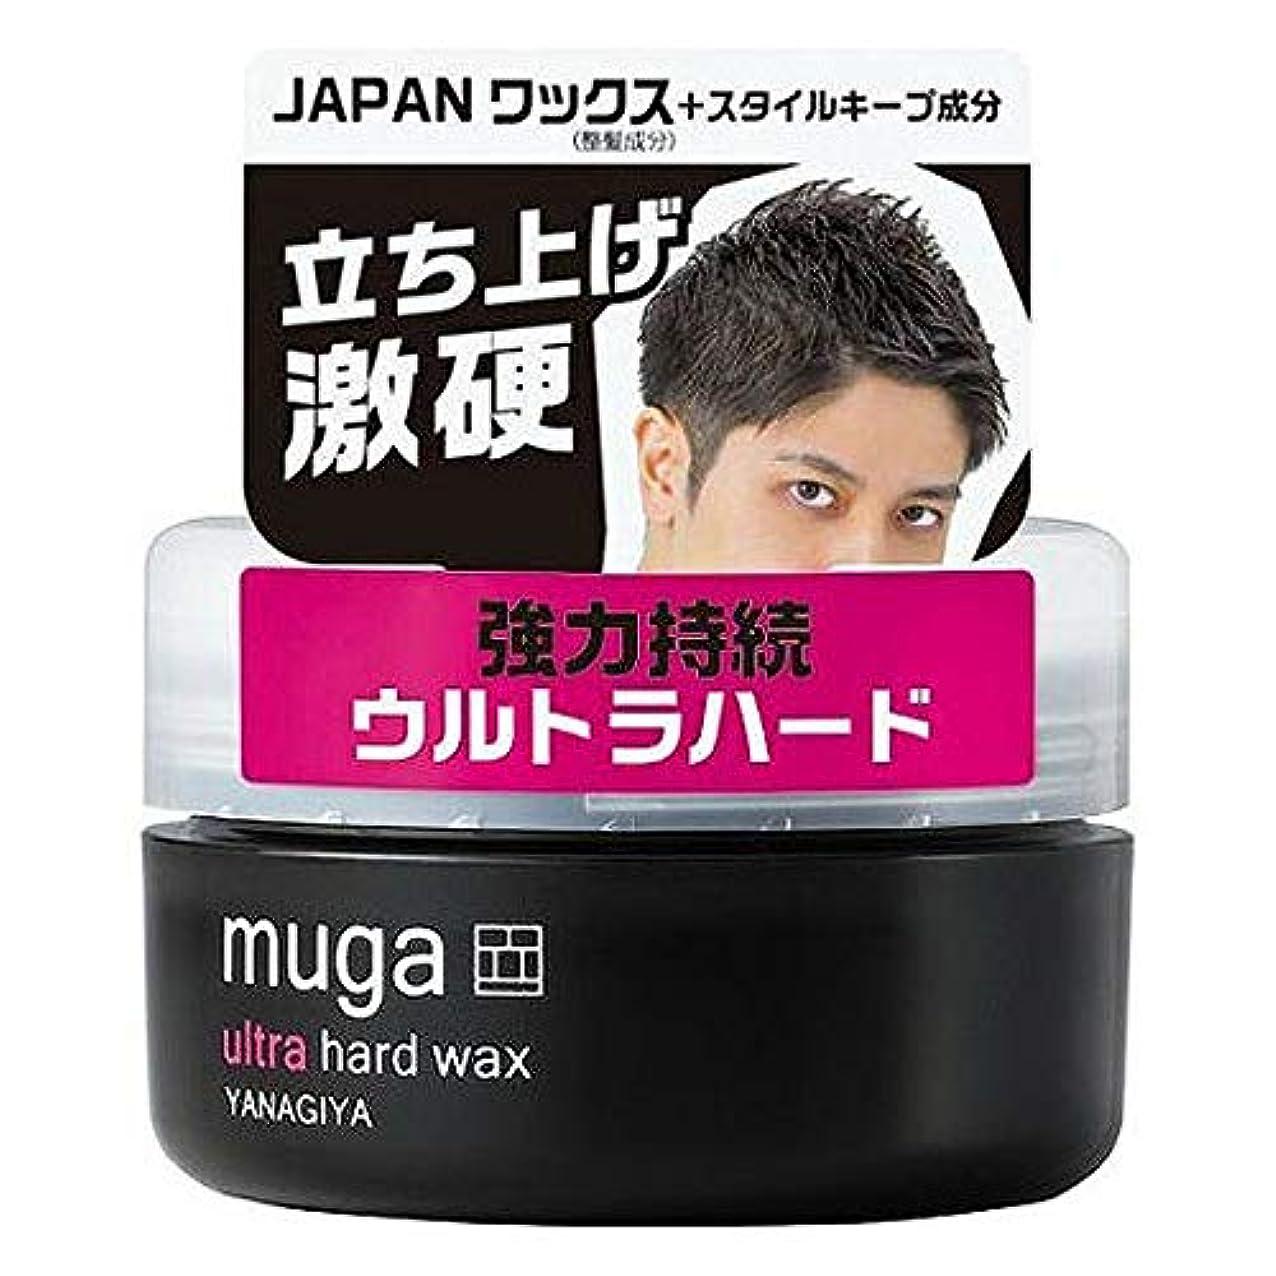 送料体操選手未亡人【柳屋本店】MUGA ウルトラハードワックス 85g